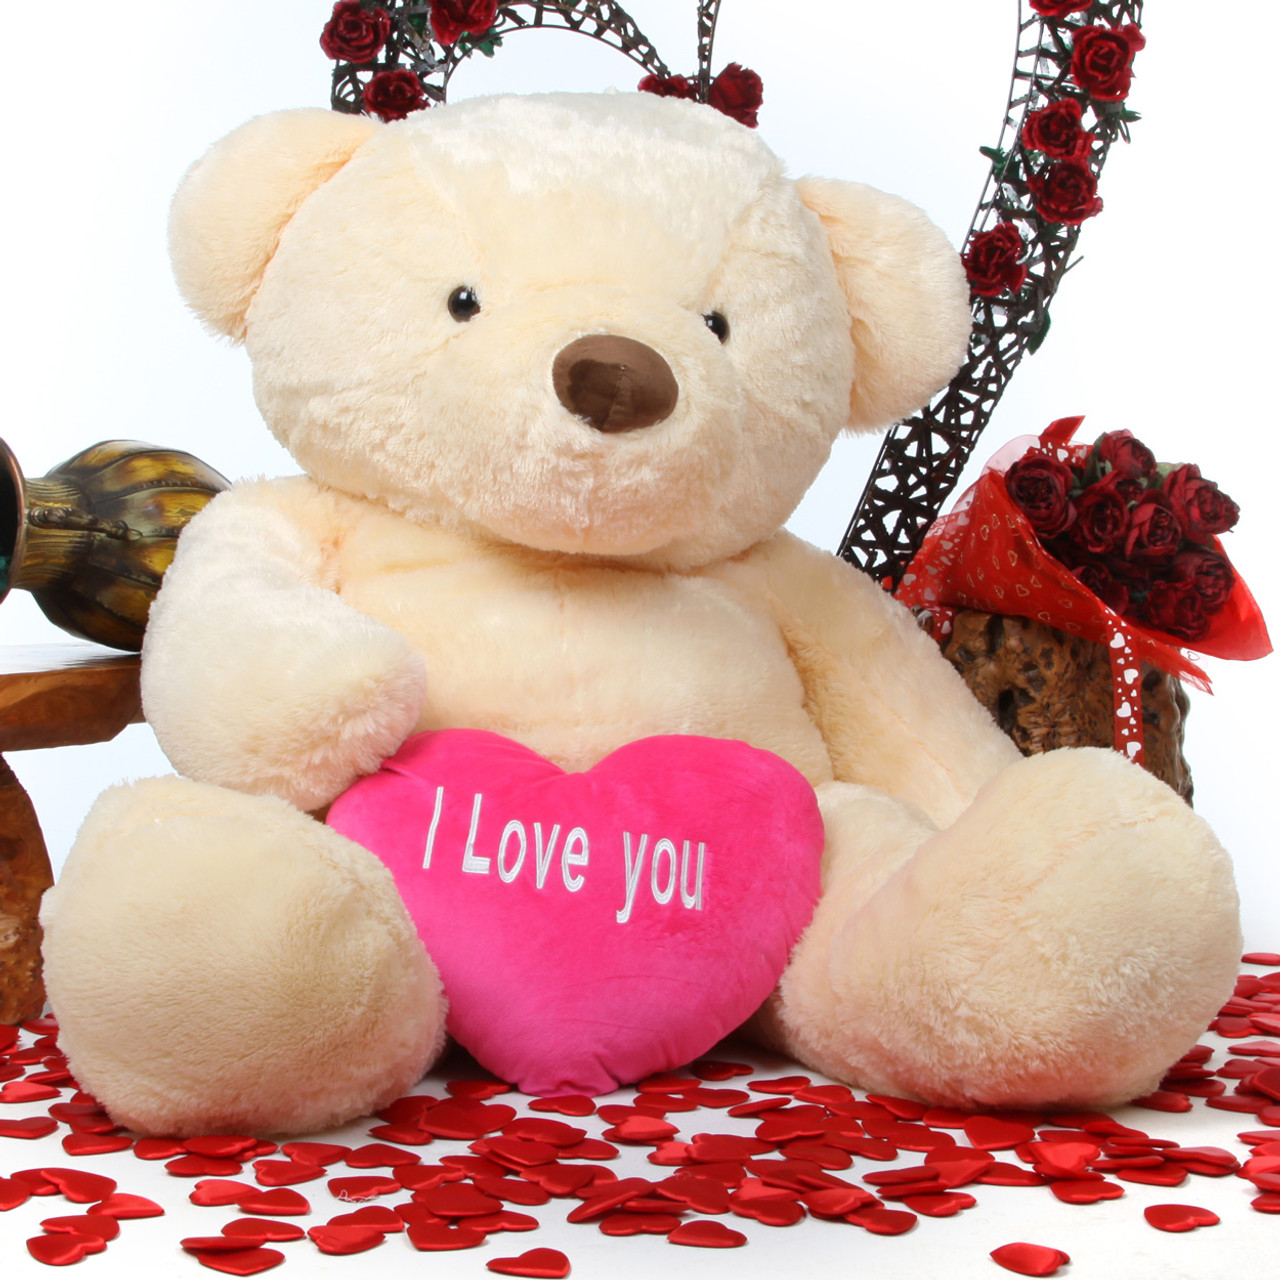 Smiley Love Chubs cream teddy bear with heart 55in